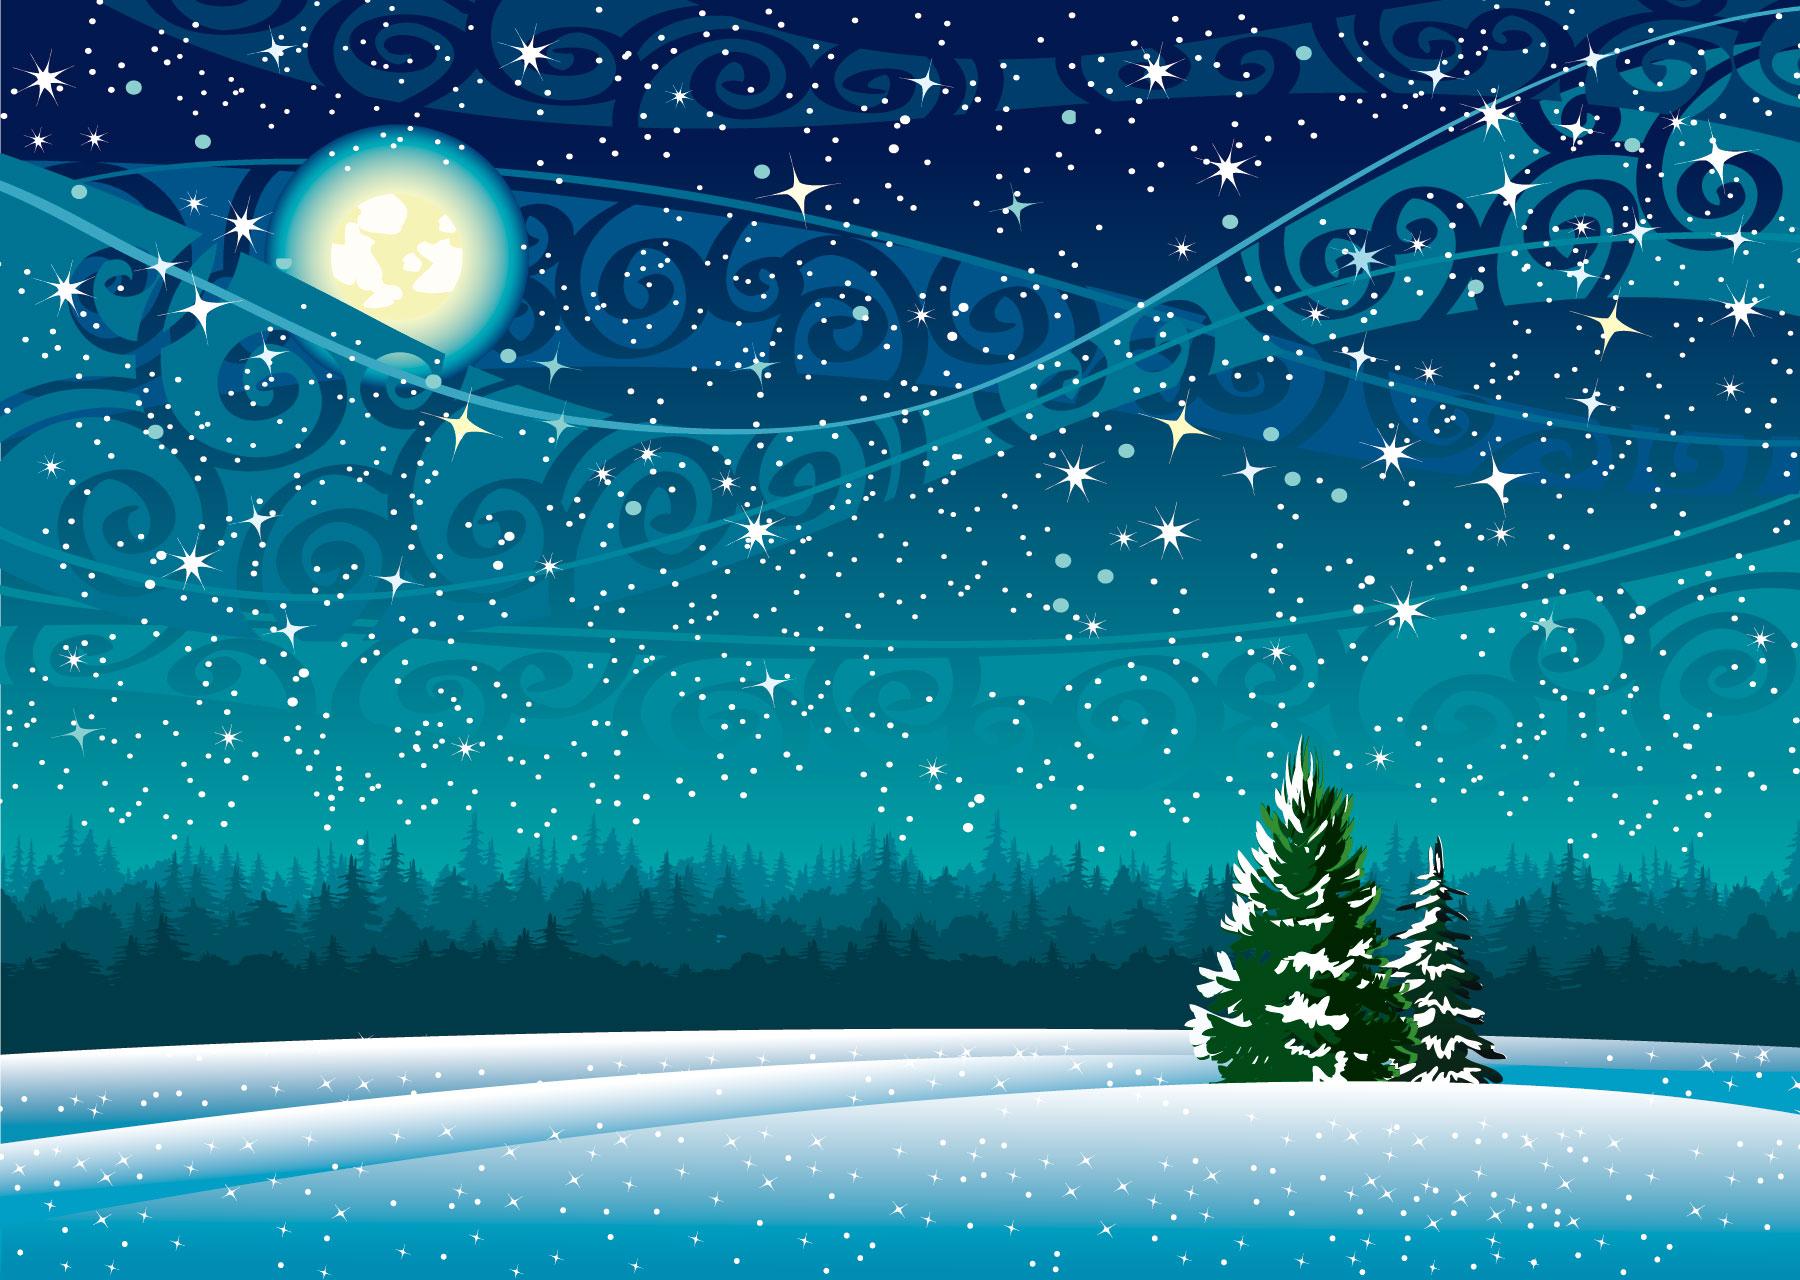 画像 : クリスマス・冬・雪景色 ...